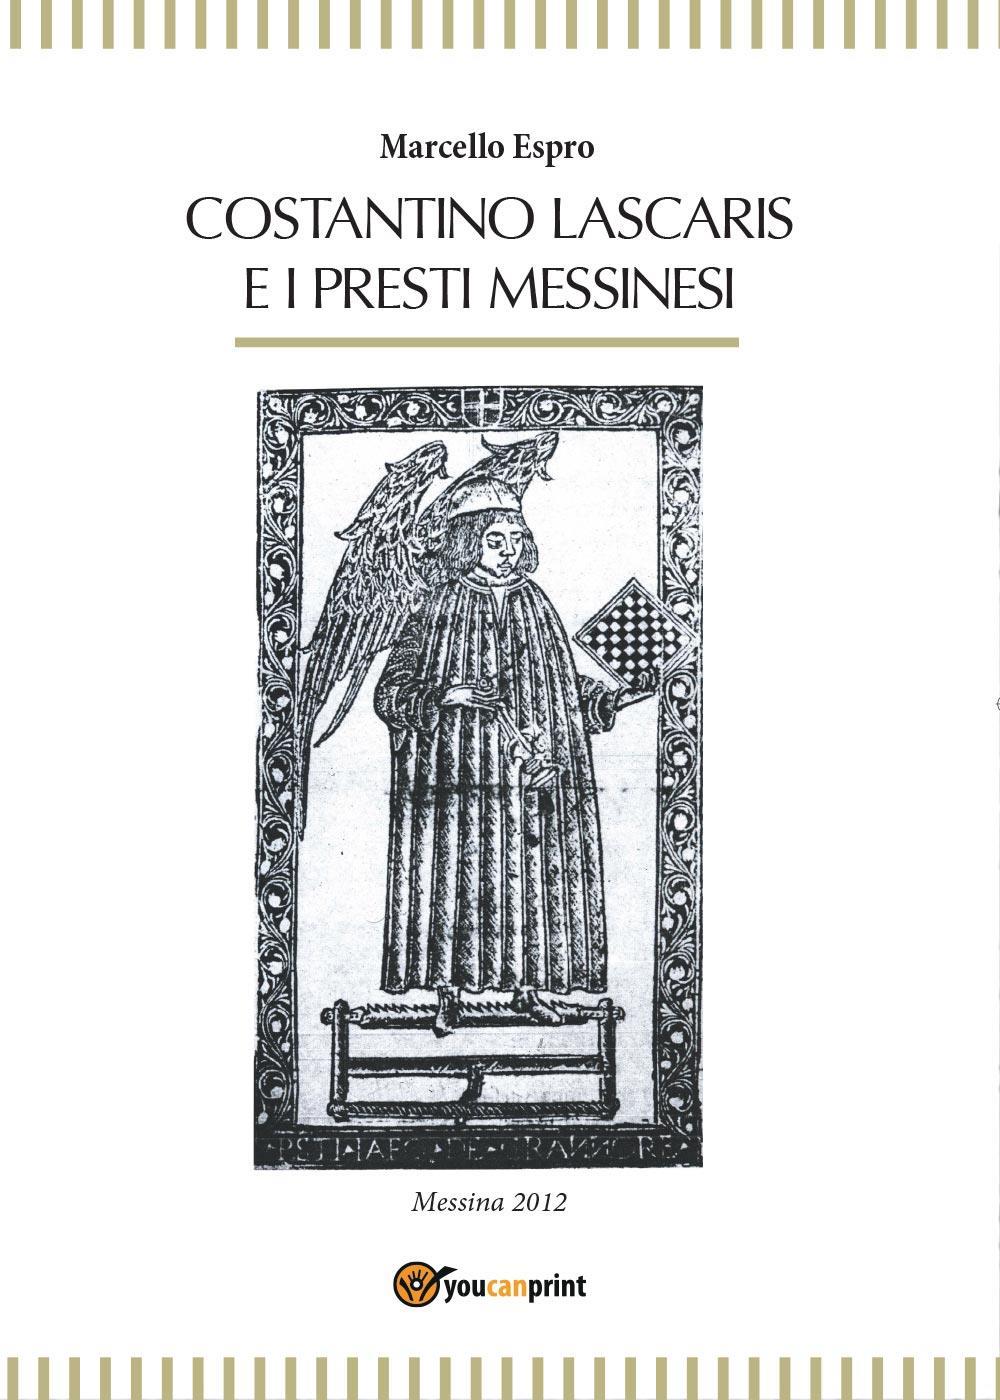 Costantino Lascaris e i presti messinesi